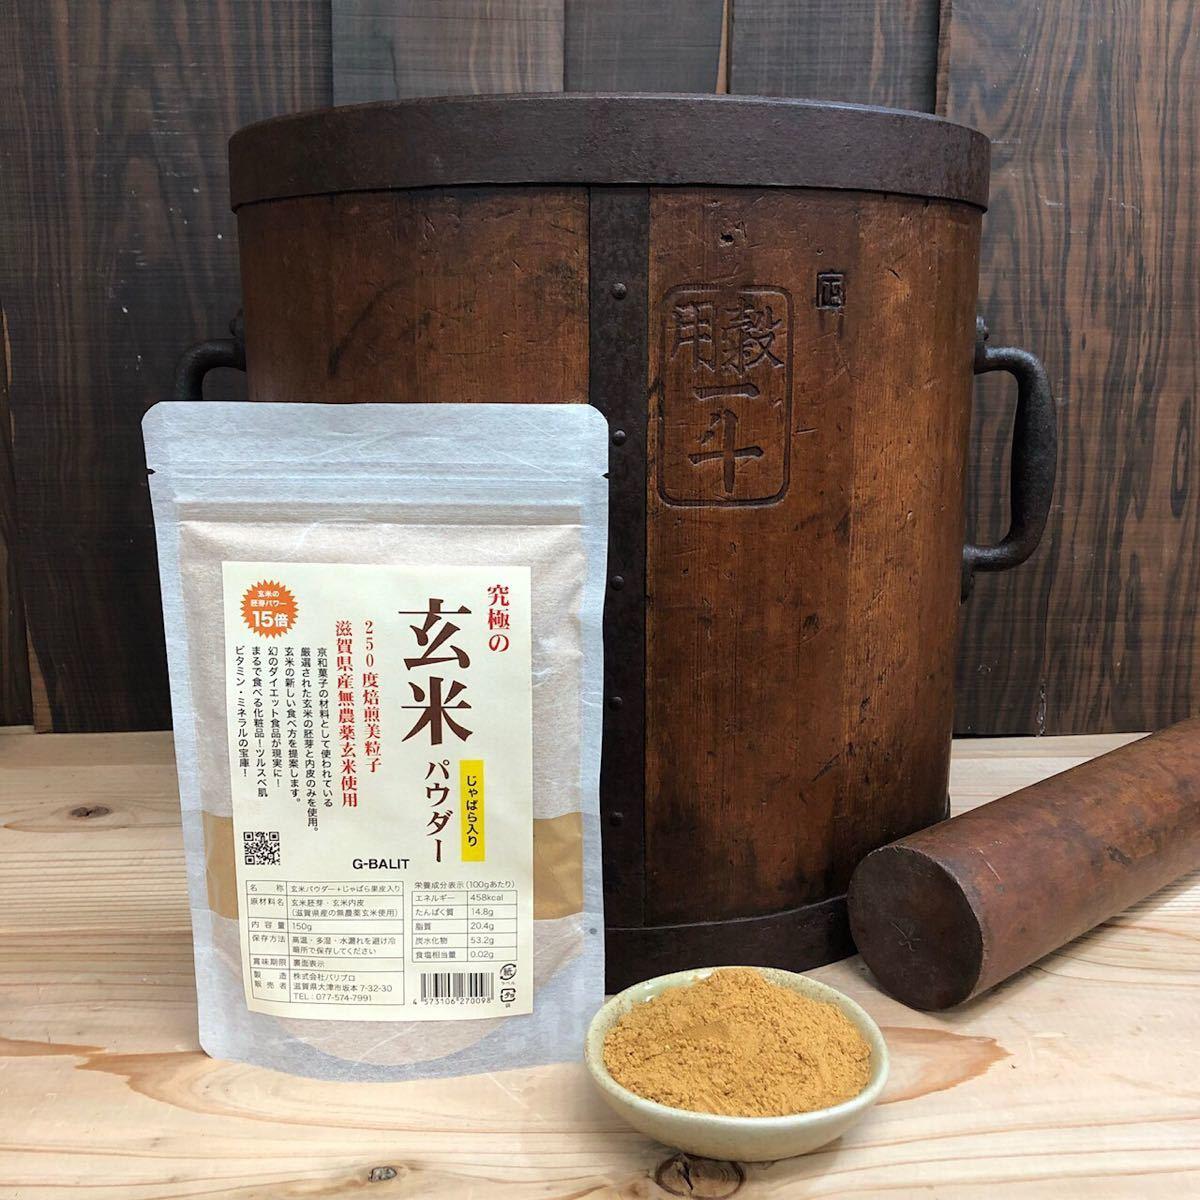 究極の玄米パウダーじゃばら果皮配合 300g 滋賀県産無農薬近江米使用 美粒子タイプ きな粉のような香り 無糖 無添加 じゃばら UP HADOO_画像2